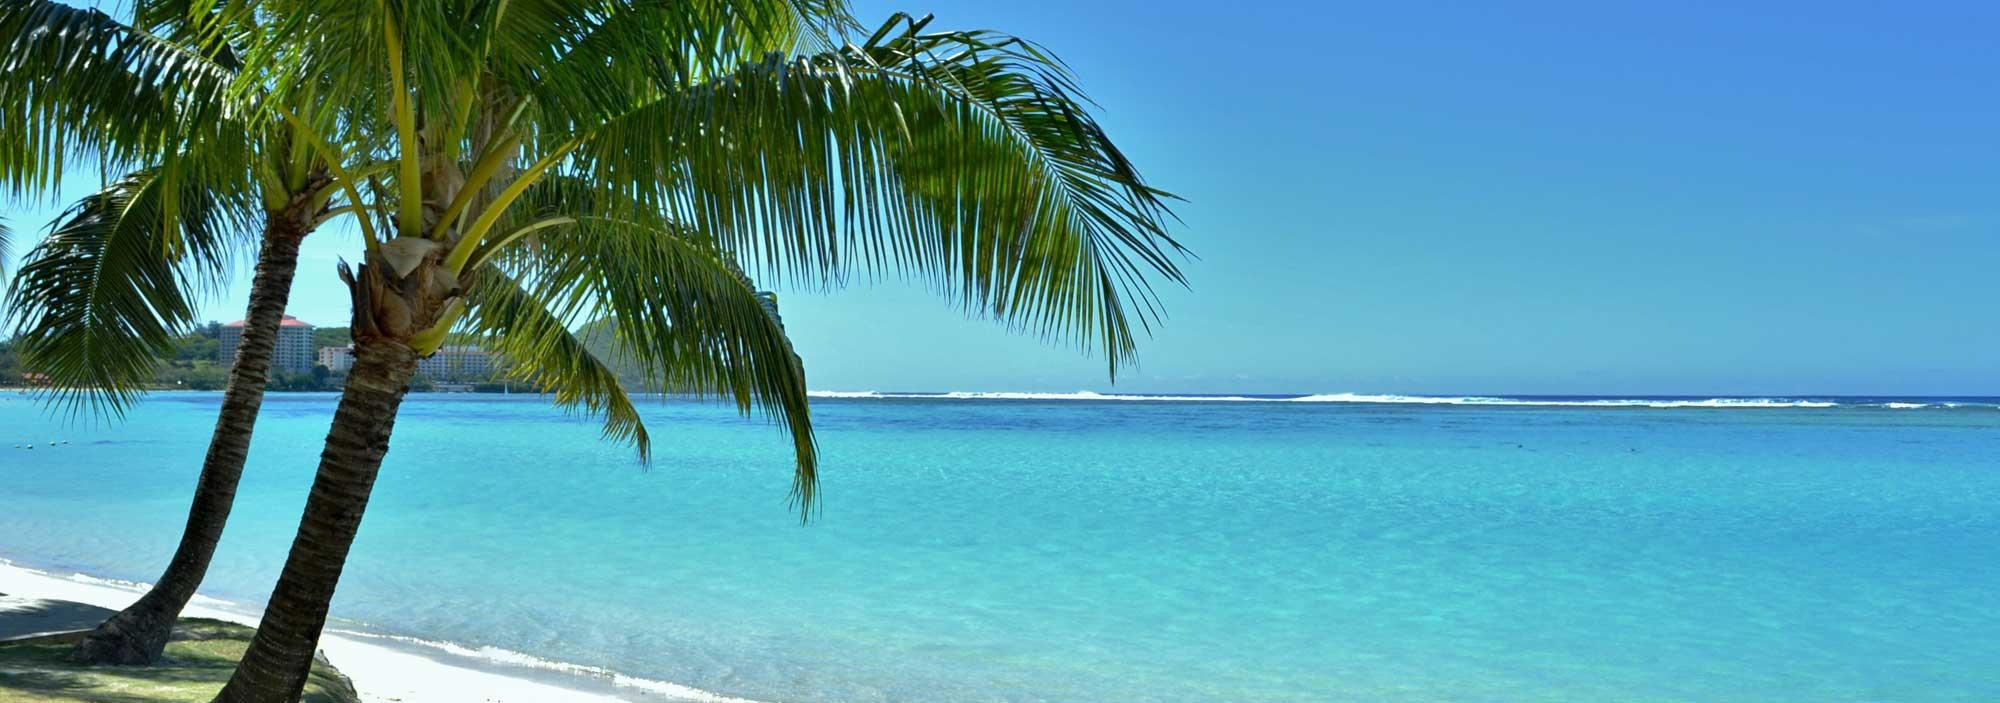 coralsea realty guam real estate agent realtor